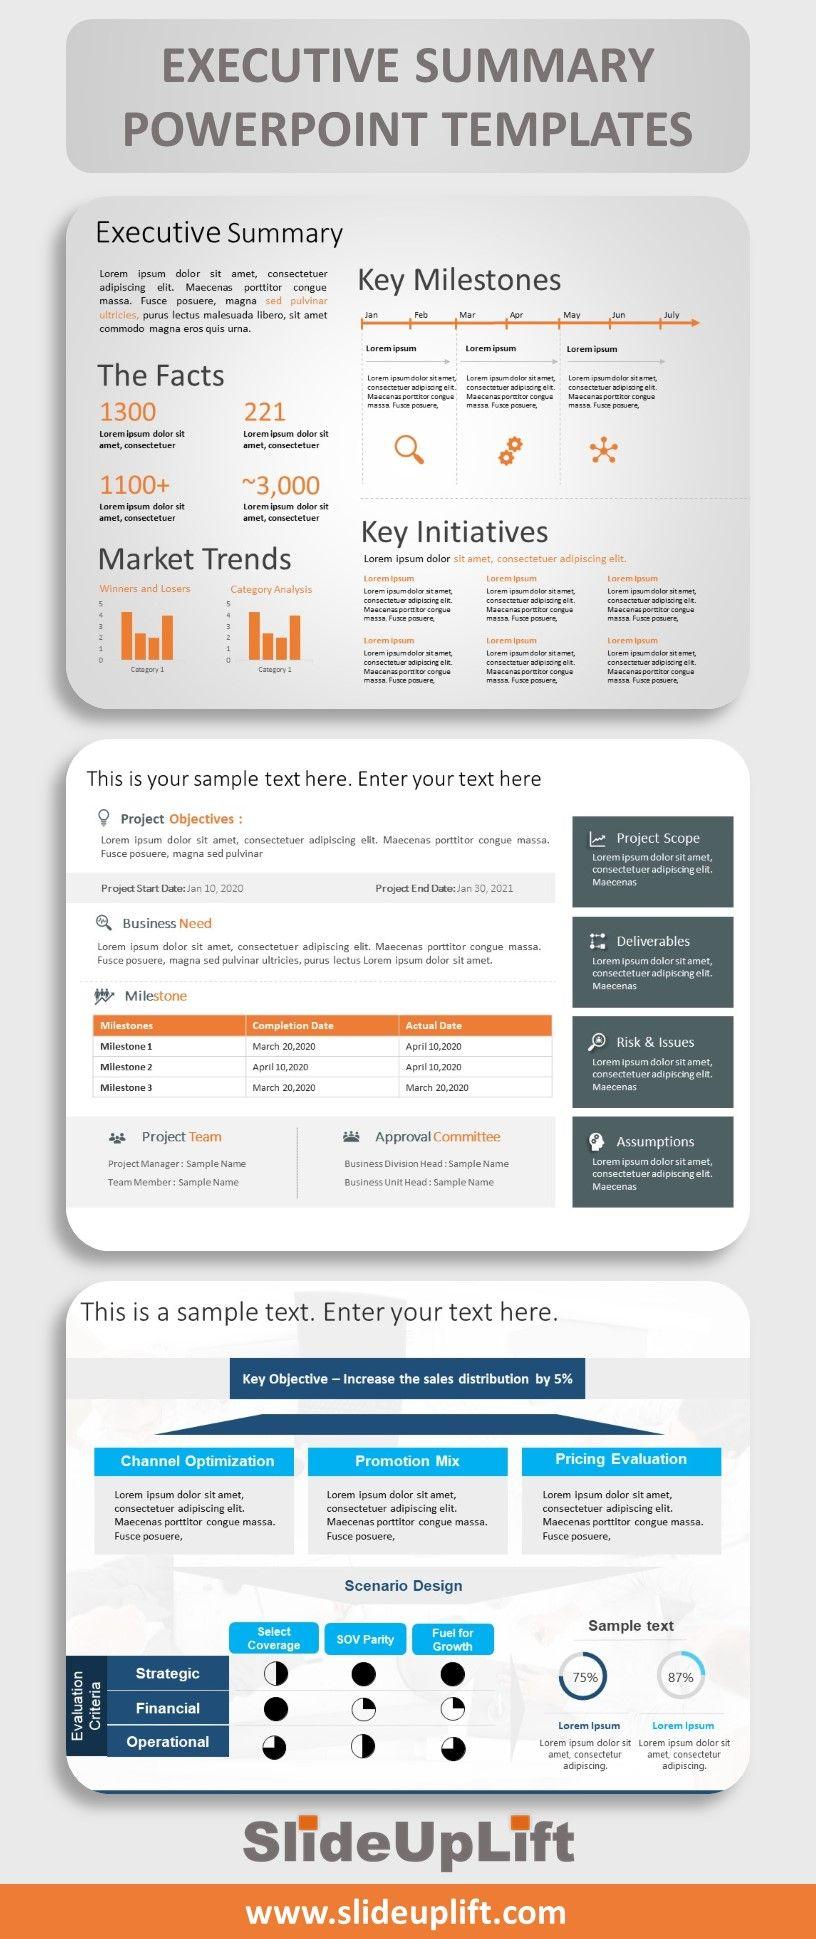 Executive Summary PowerPoint Templates SlideUpLift in